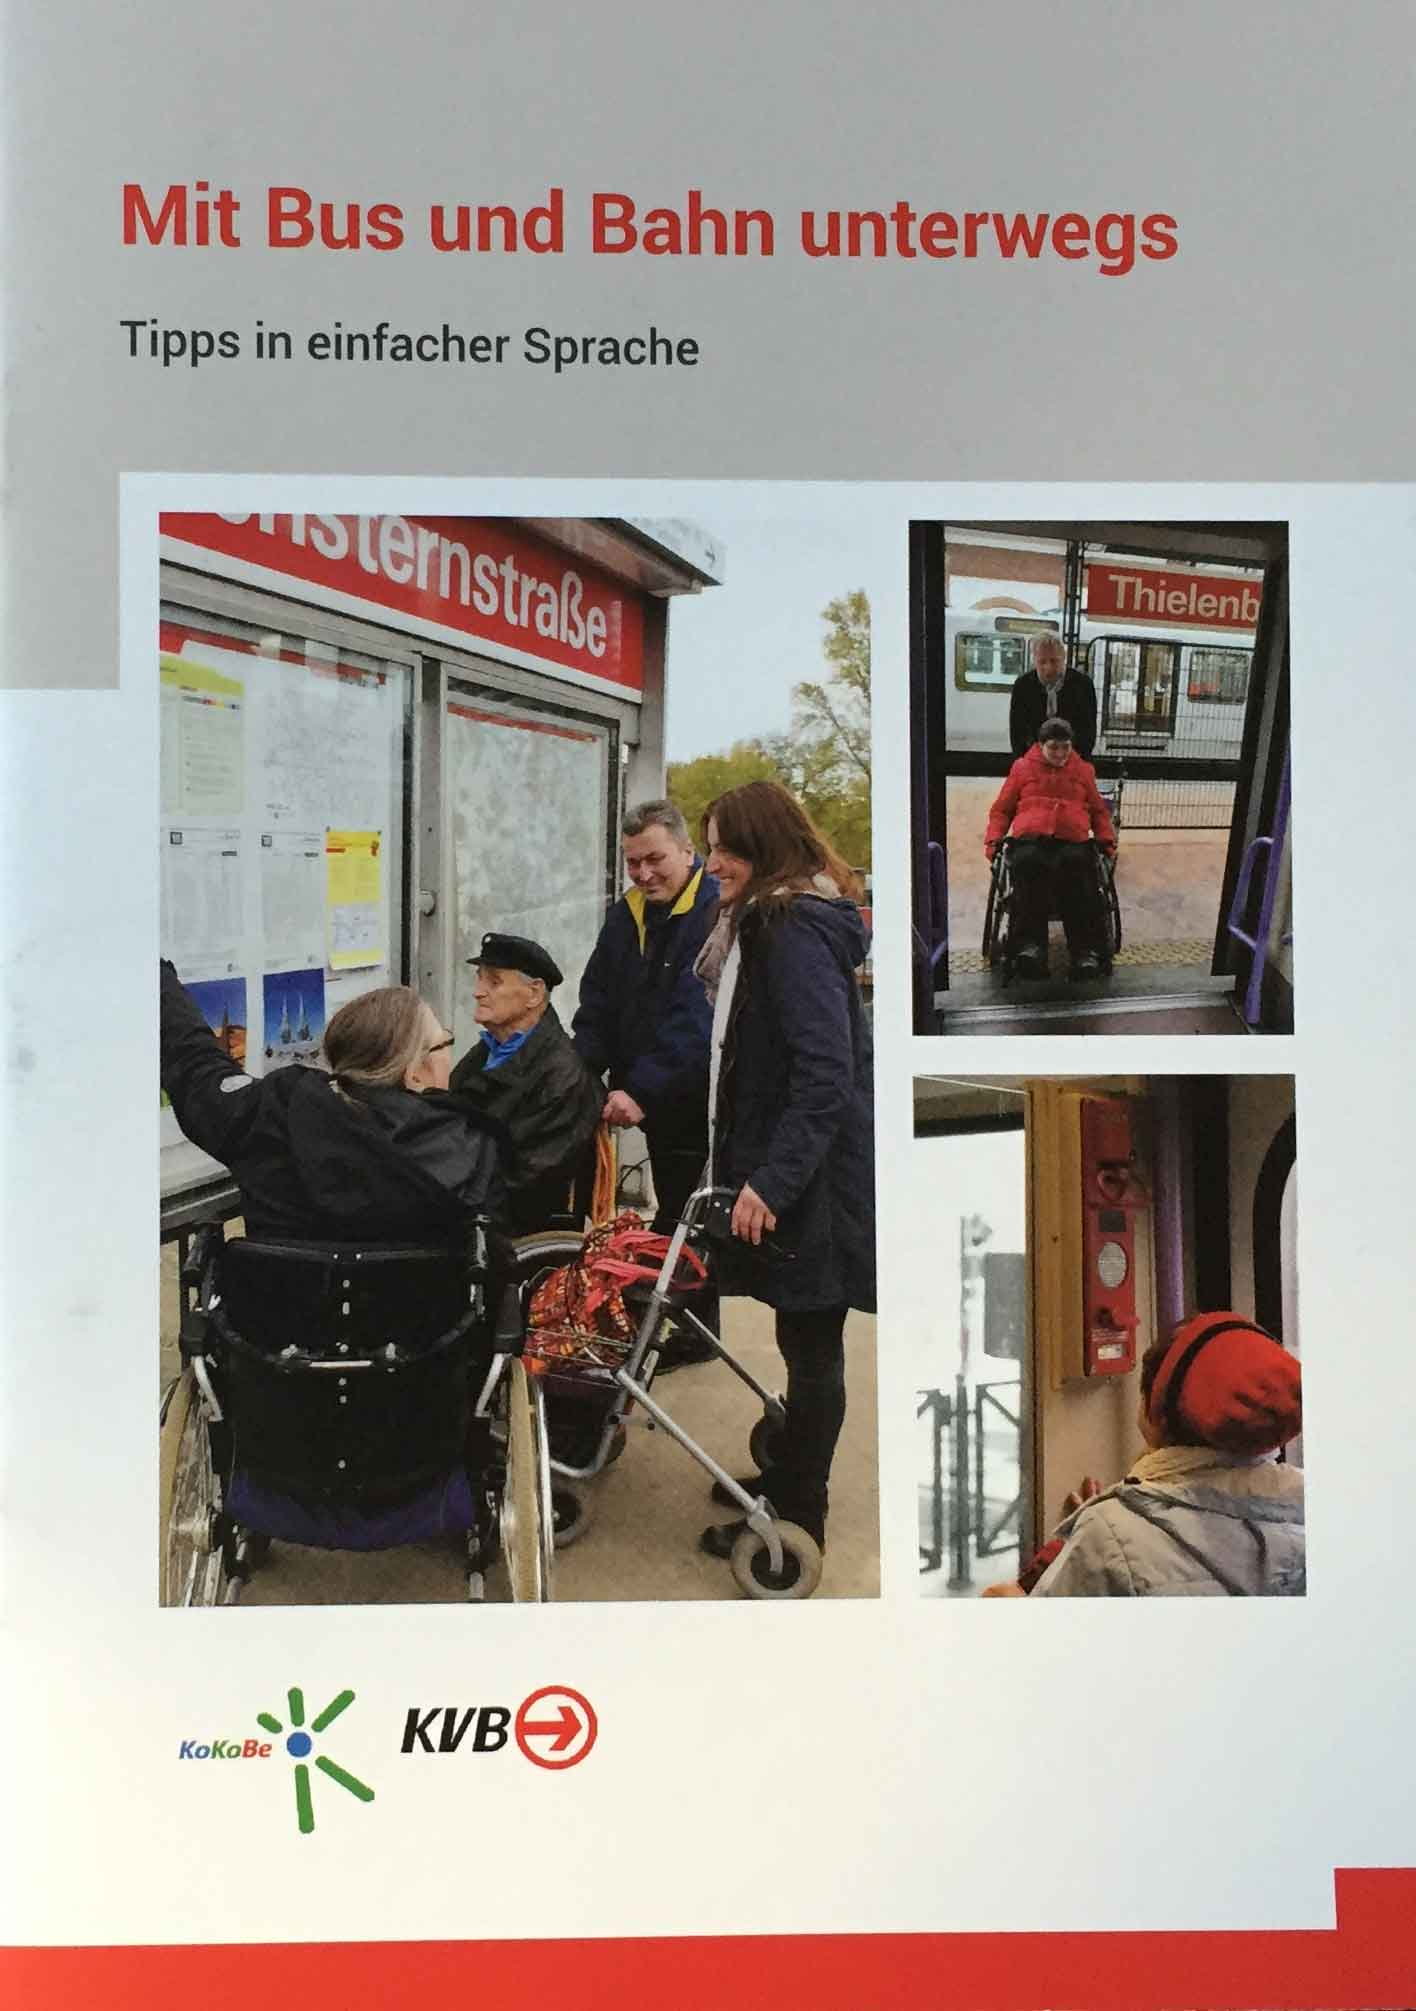 Eine Broschüre mit zahlreichen Tipps in einfacher Sprache kann allen Fahrgästen dienen.